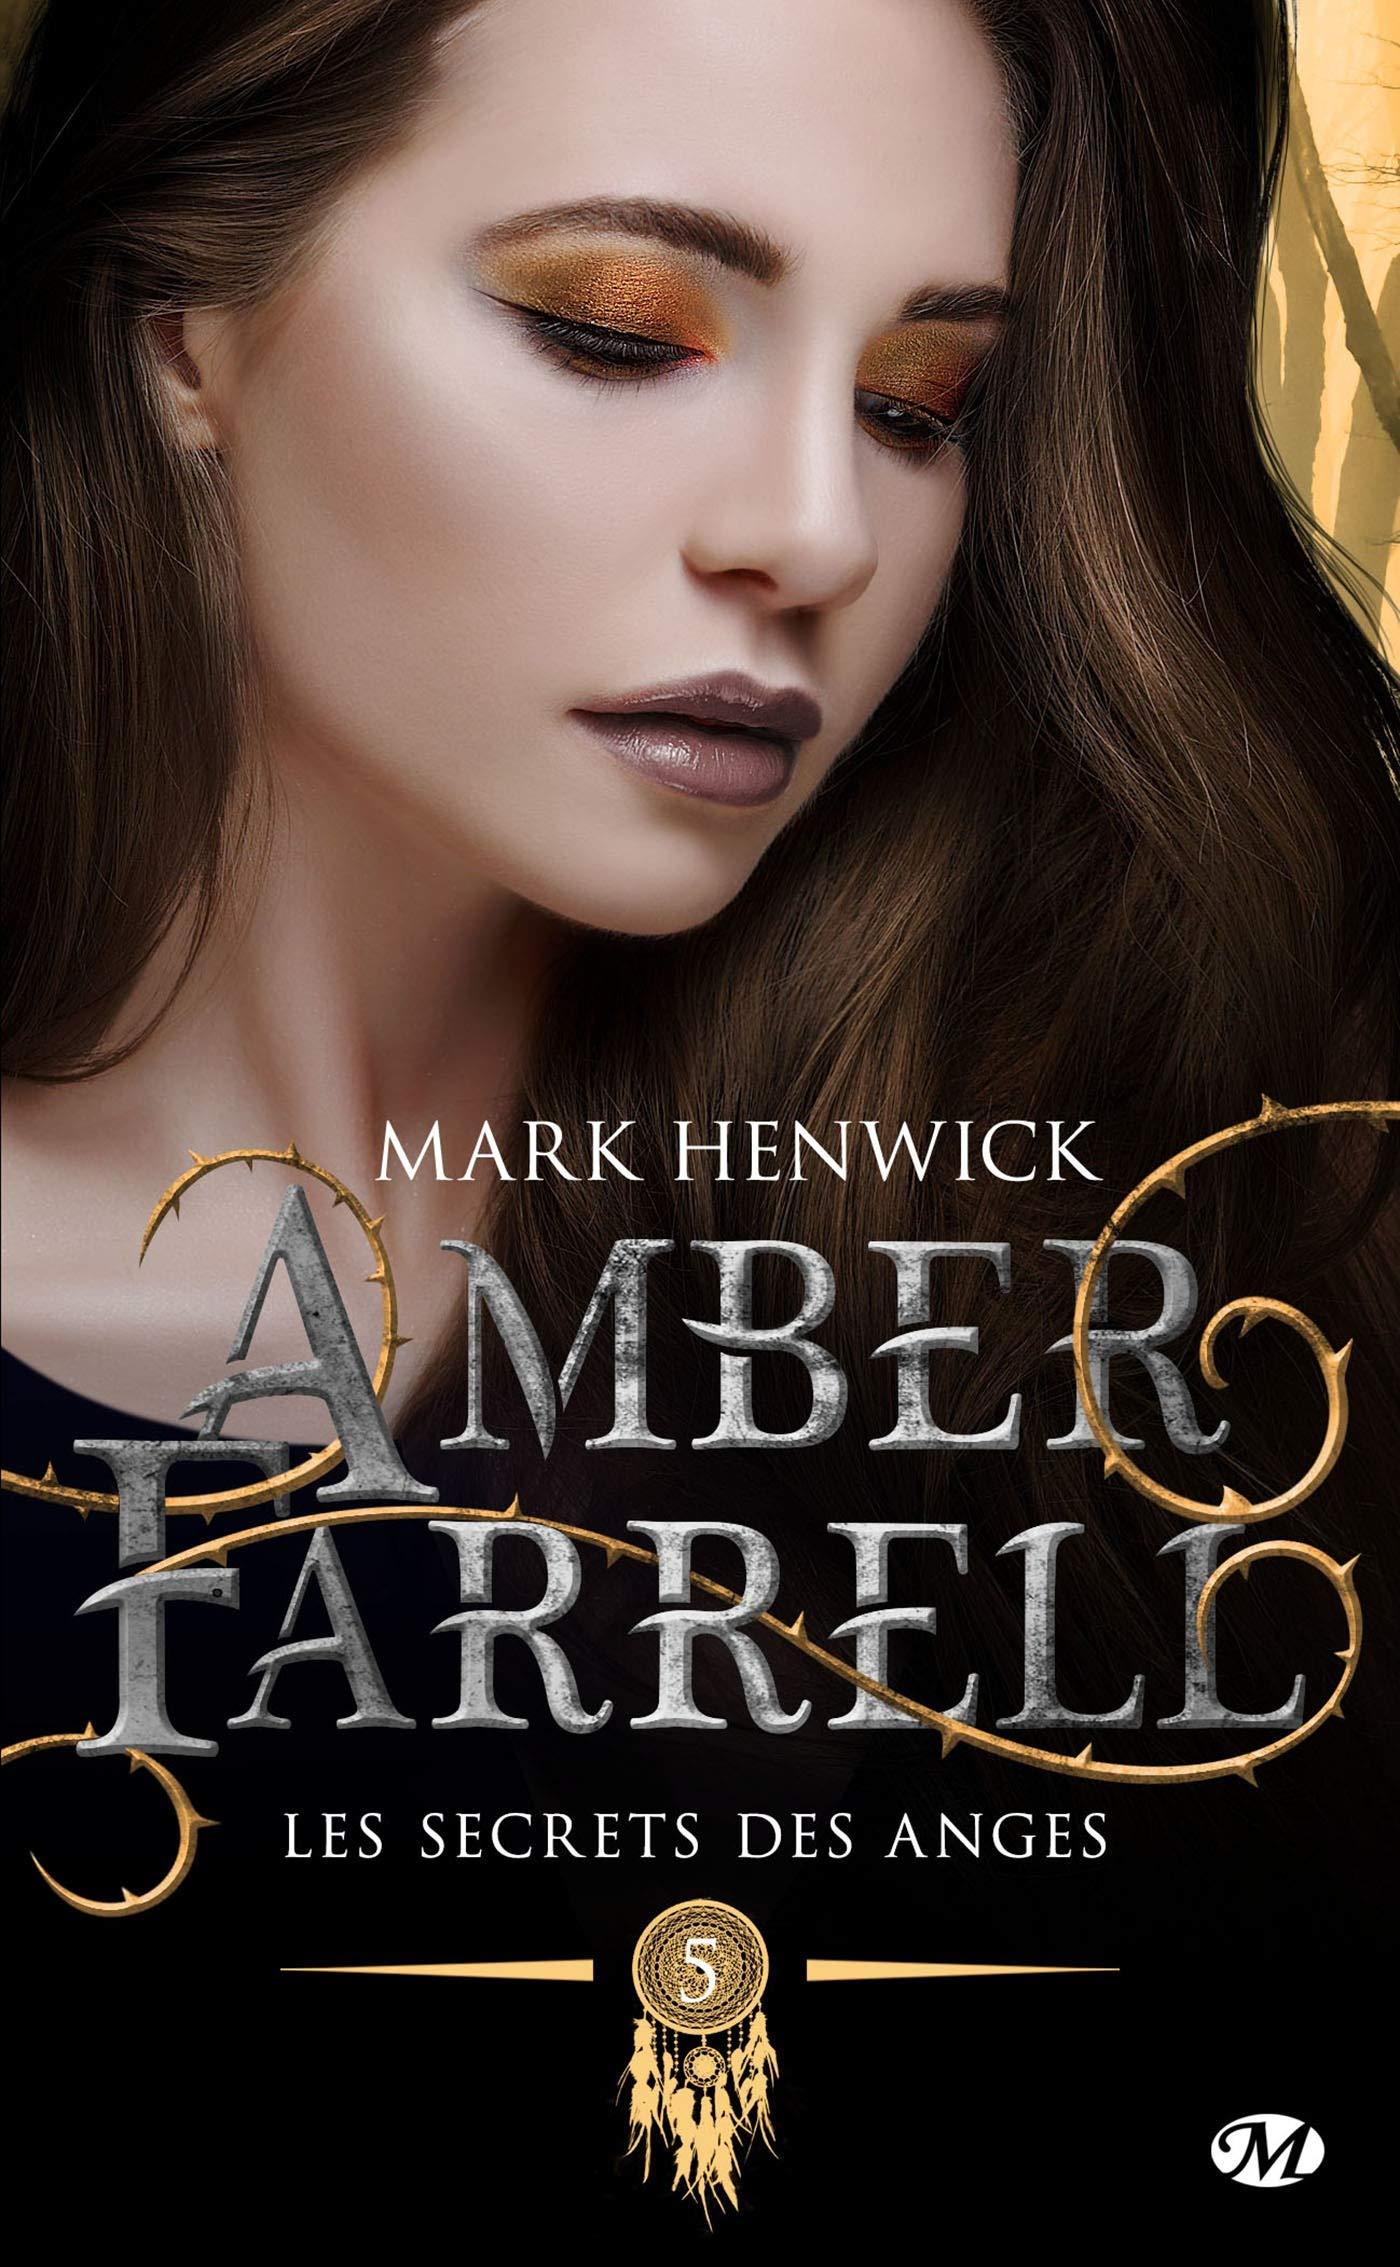 Les secrets des anges: Amber Farrell, T5 por Mark Henwick